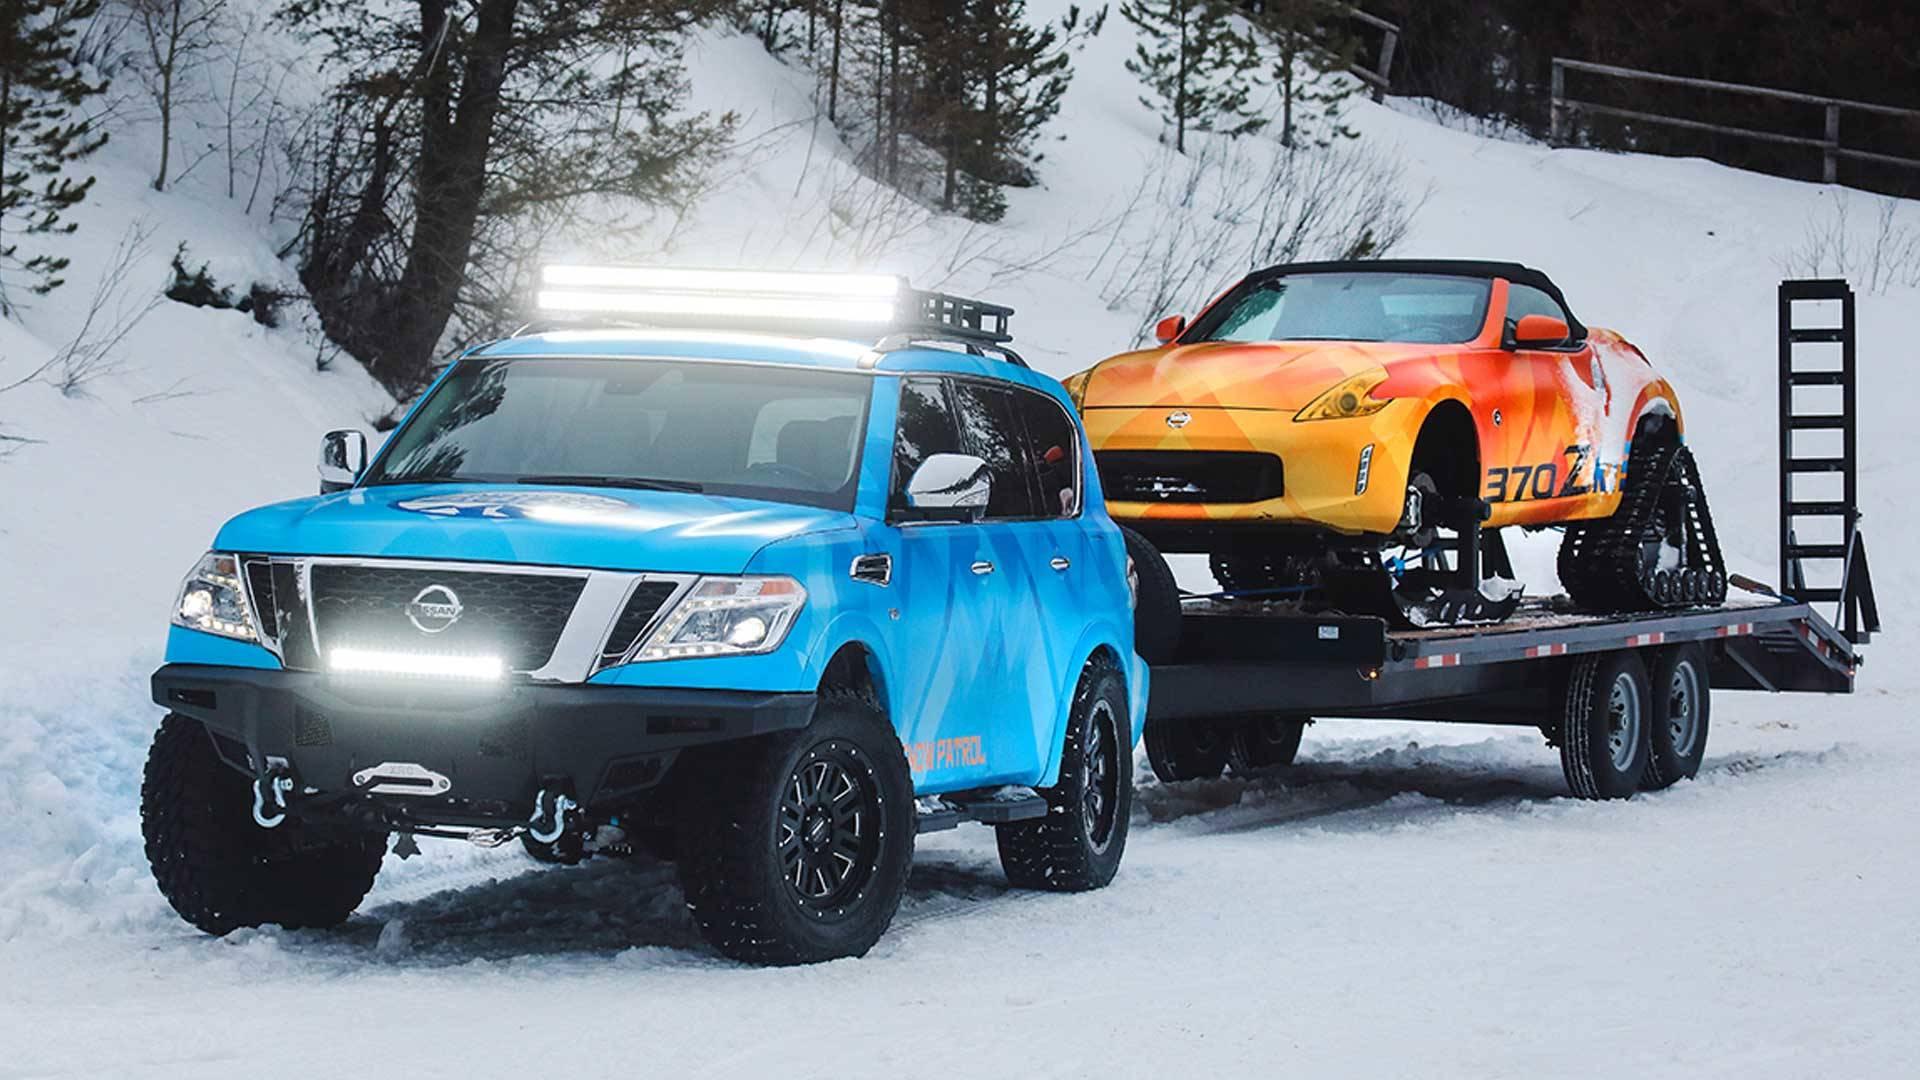 Nissan Armada Snow Patrol & 370Zki Cabrio